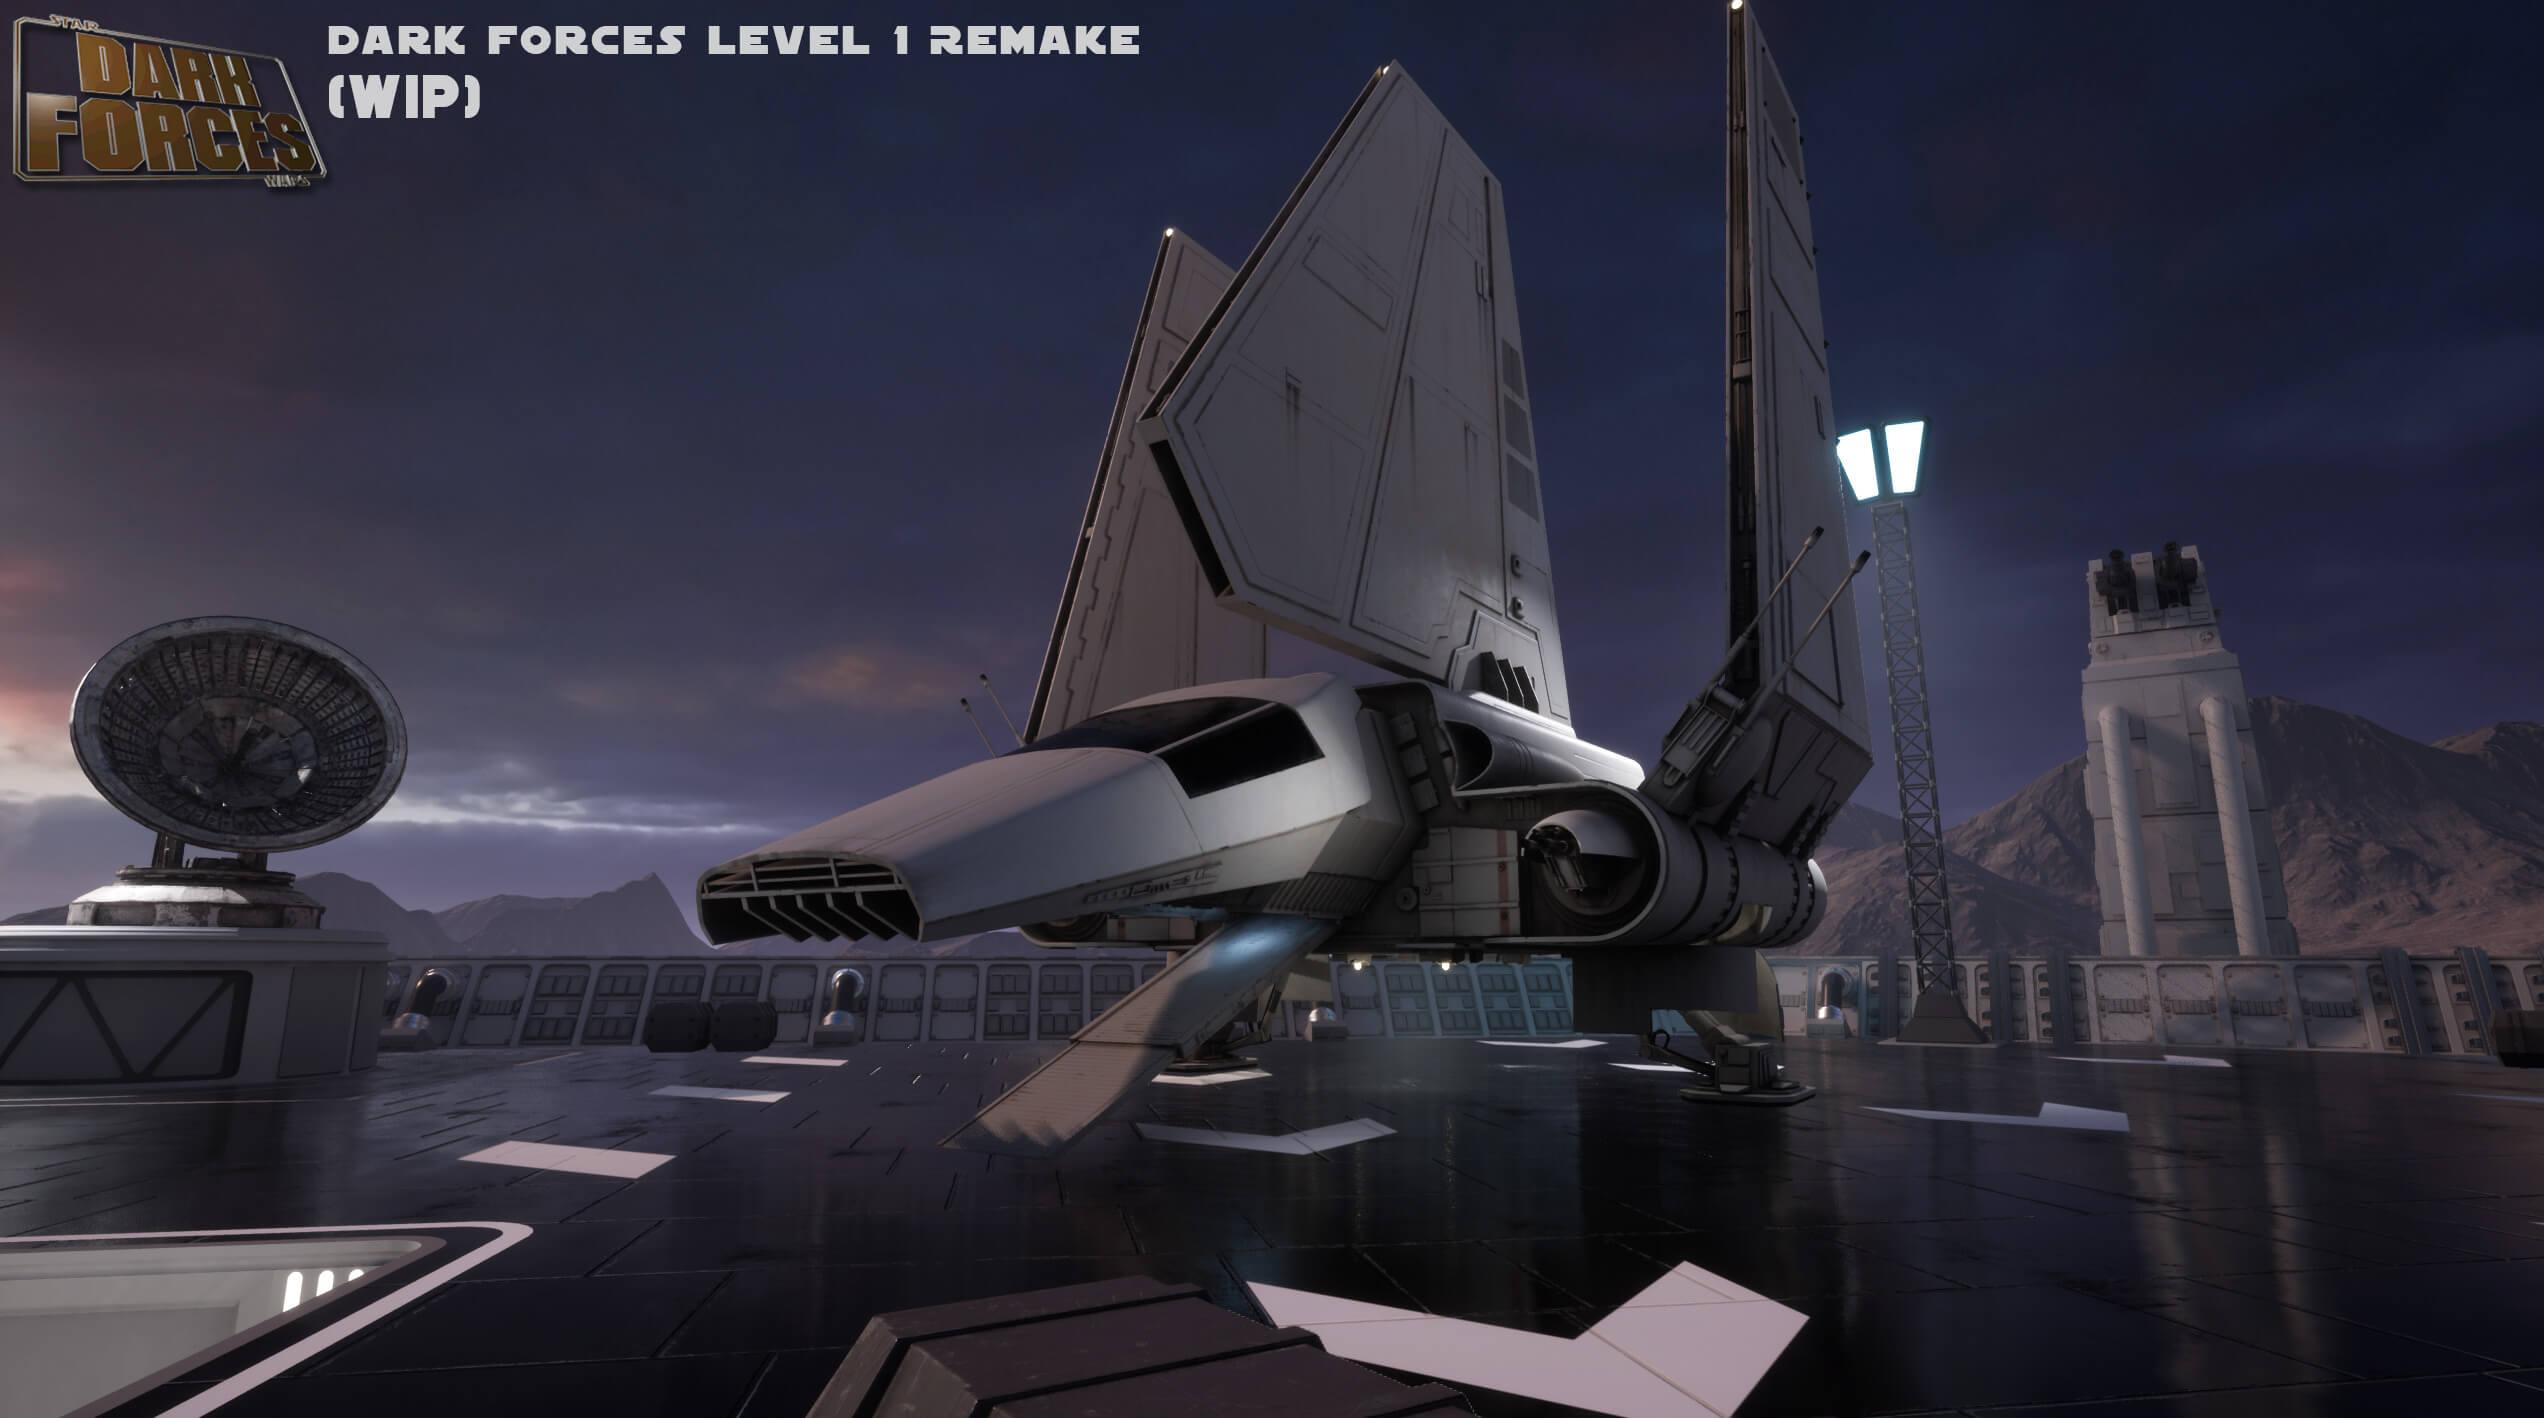 Игры по Звездным Войнам: Художник Obsidian создает ремейк шутера Star Wars 1995 года